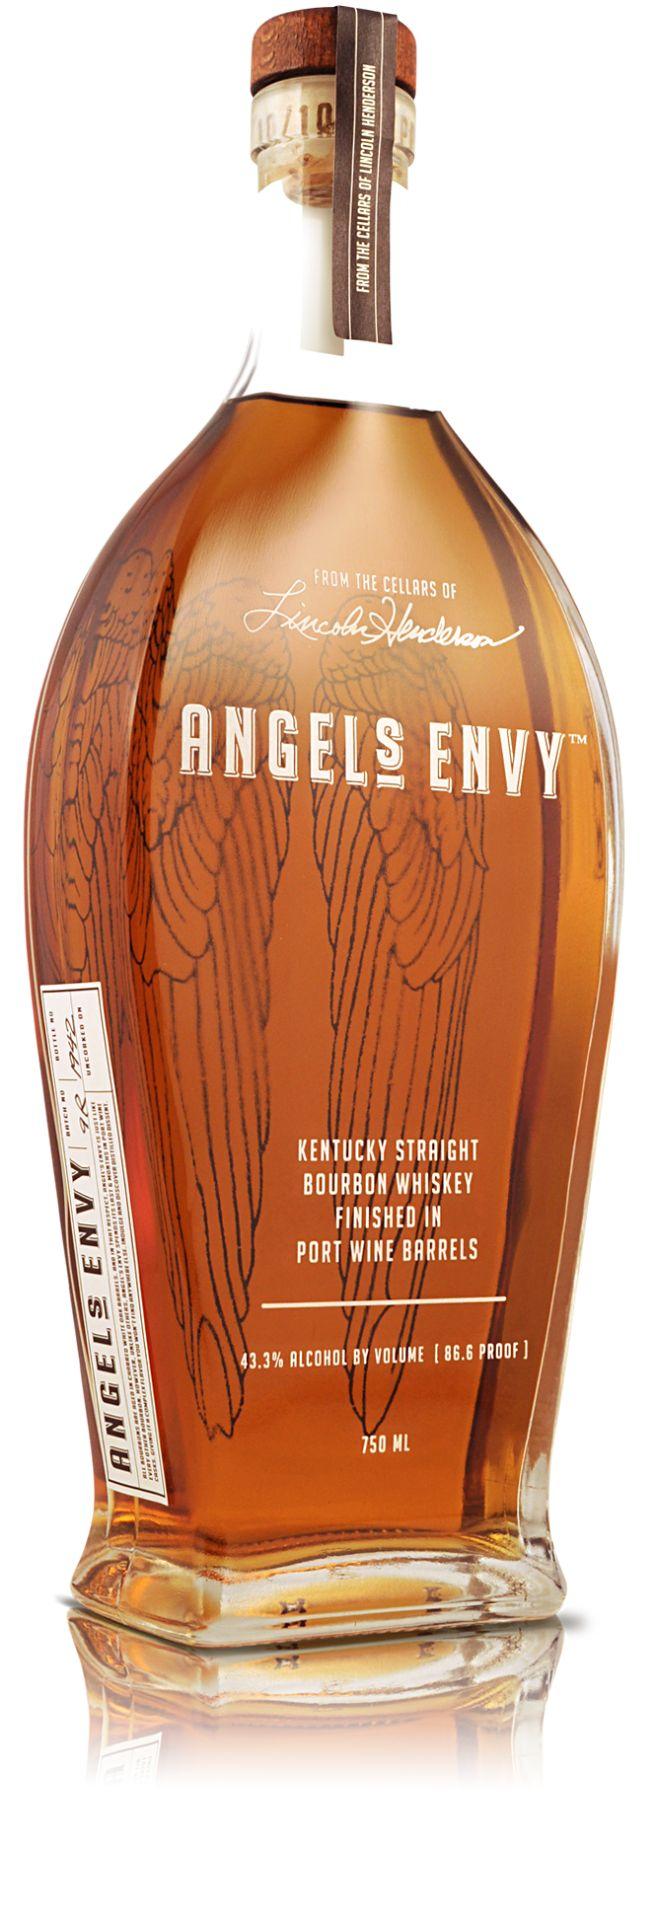 Angel's Envy whiskey